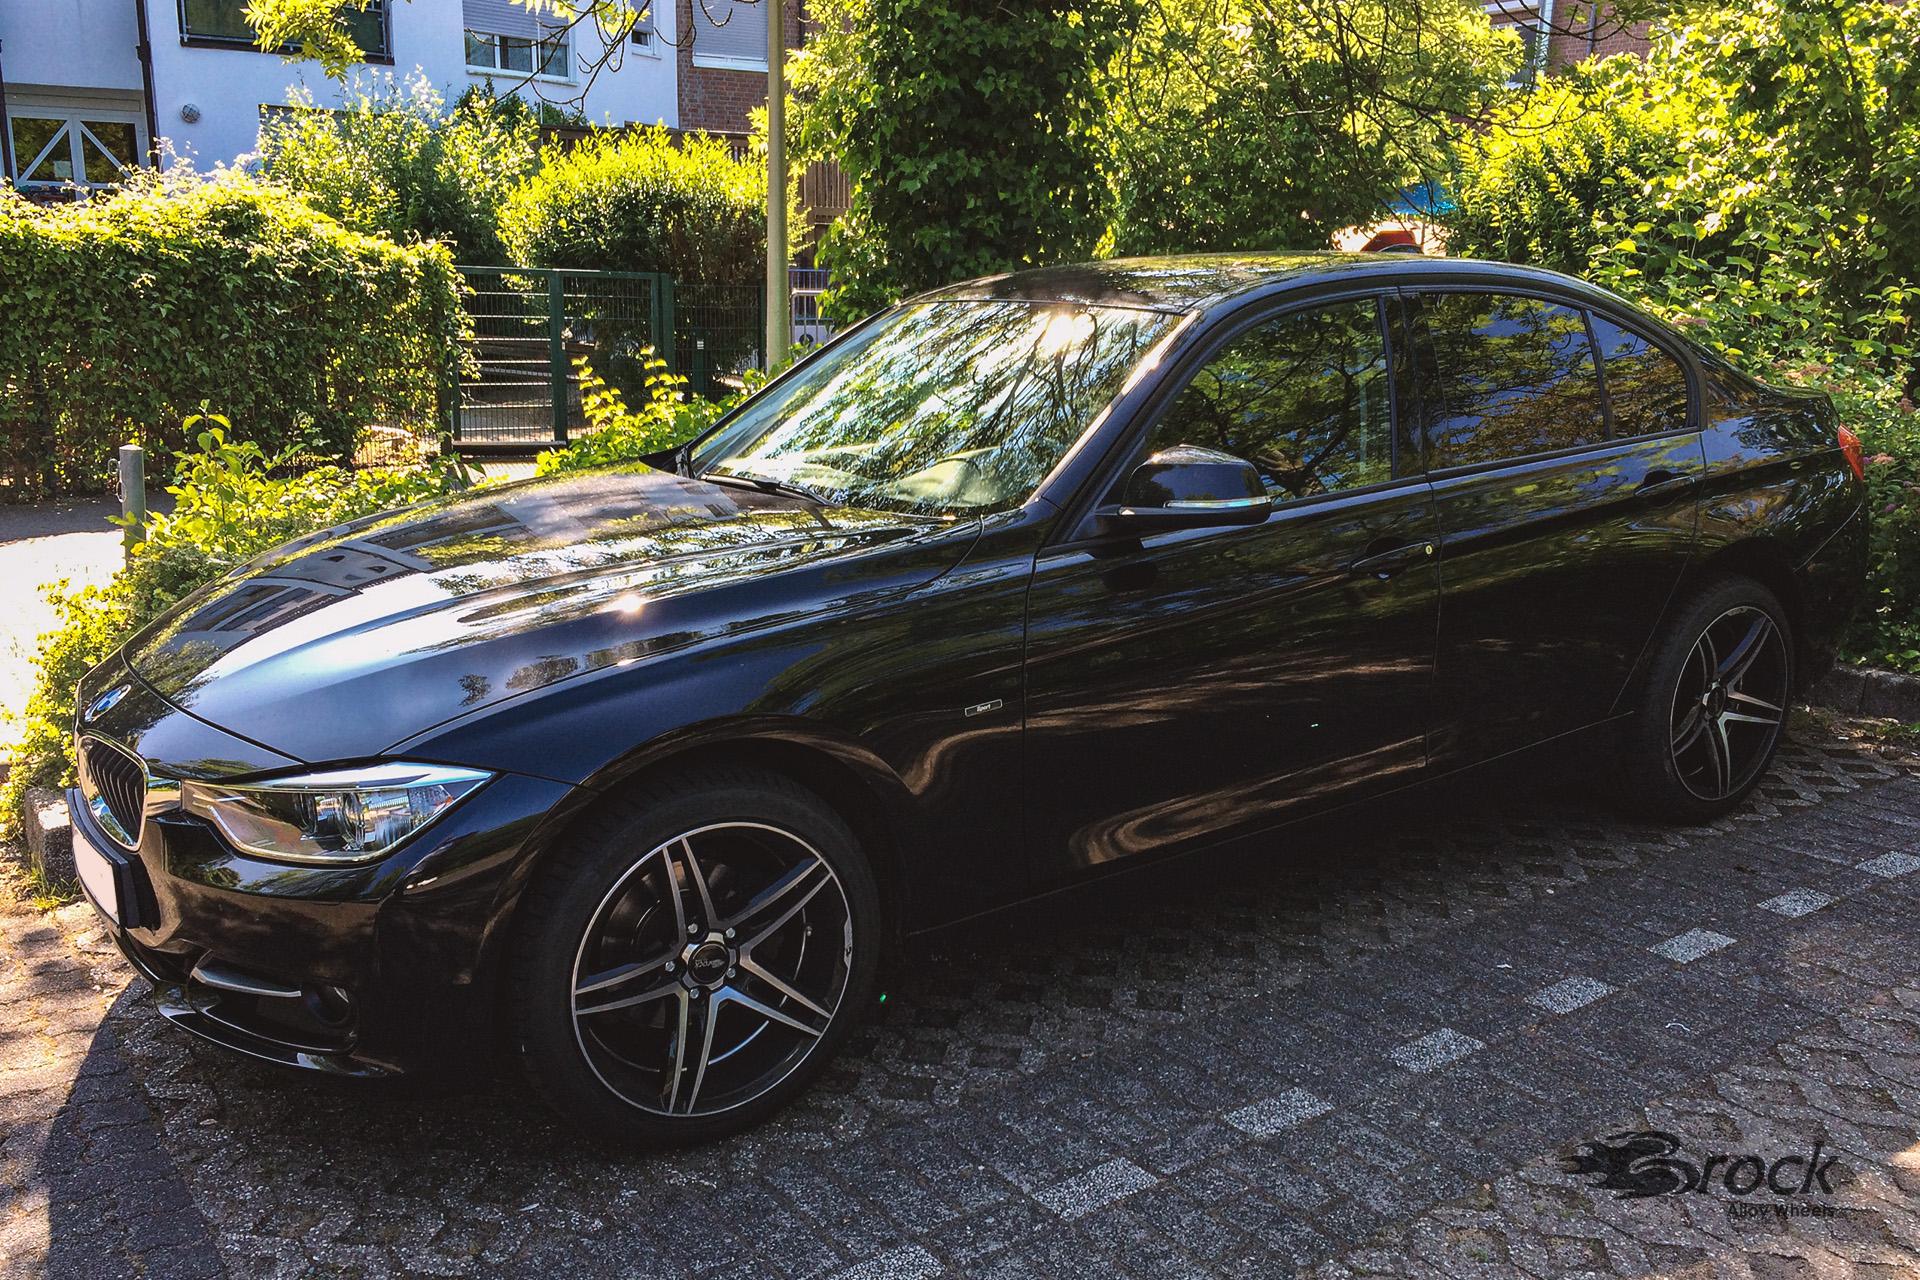 Alufelgen Brock B33 für den BMW 320i (3L/F30) in 8.5x18 mit ABE